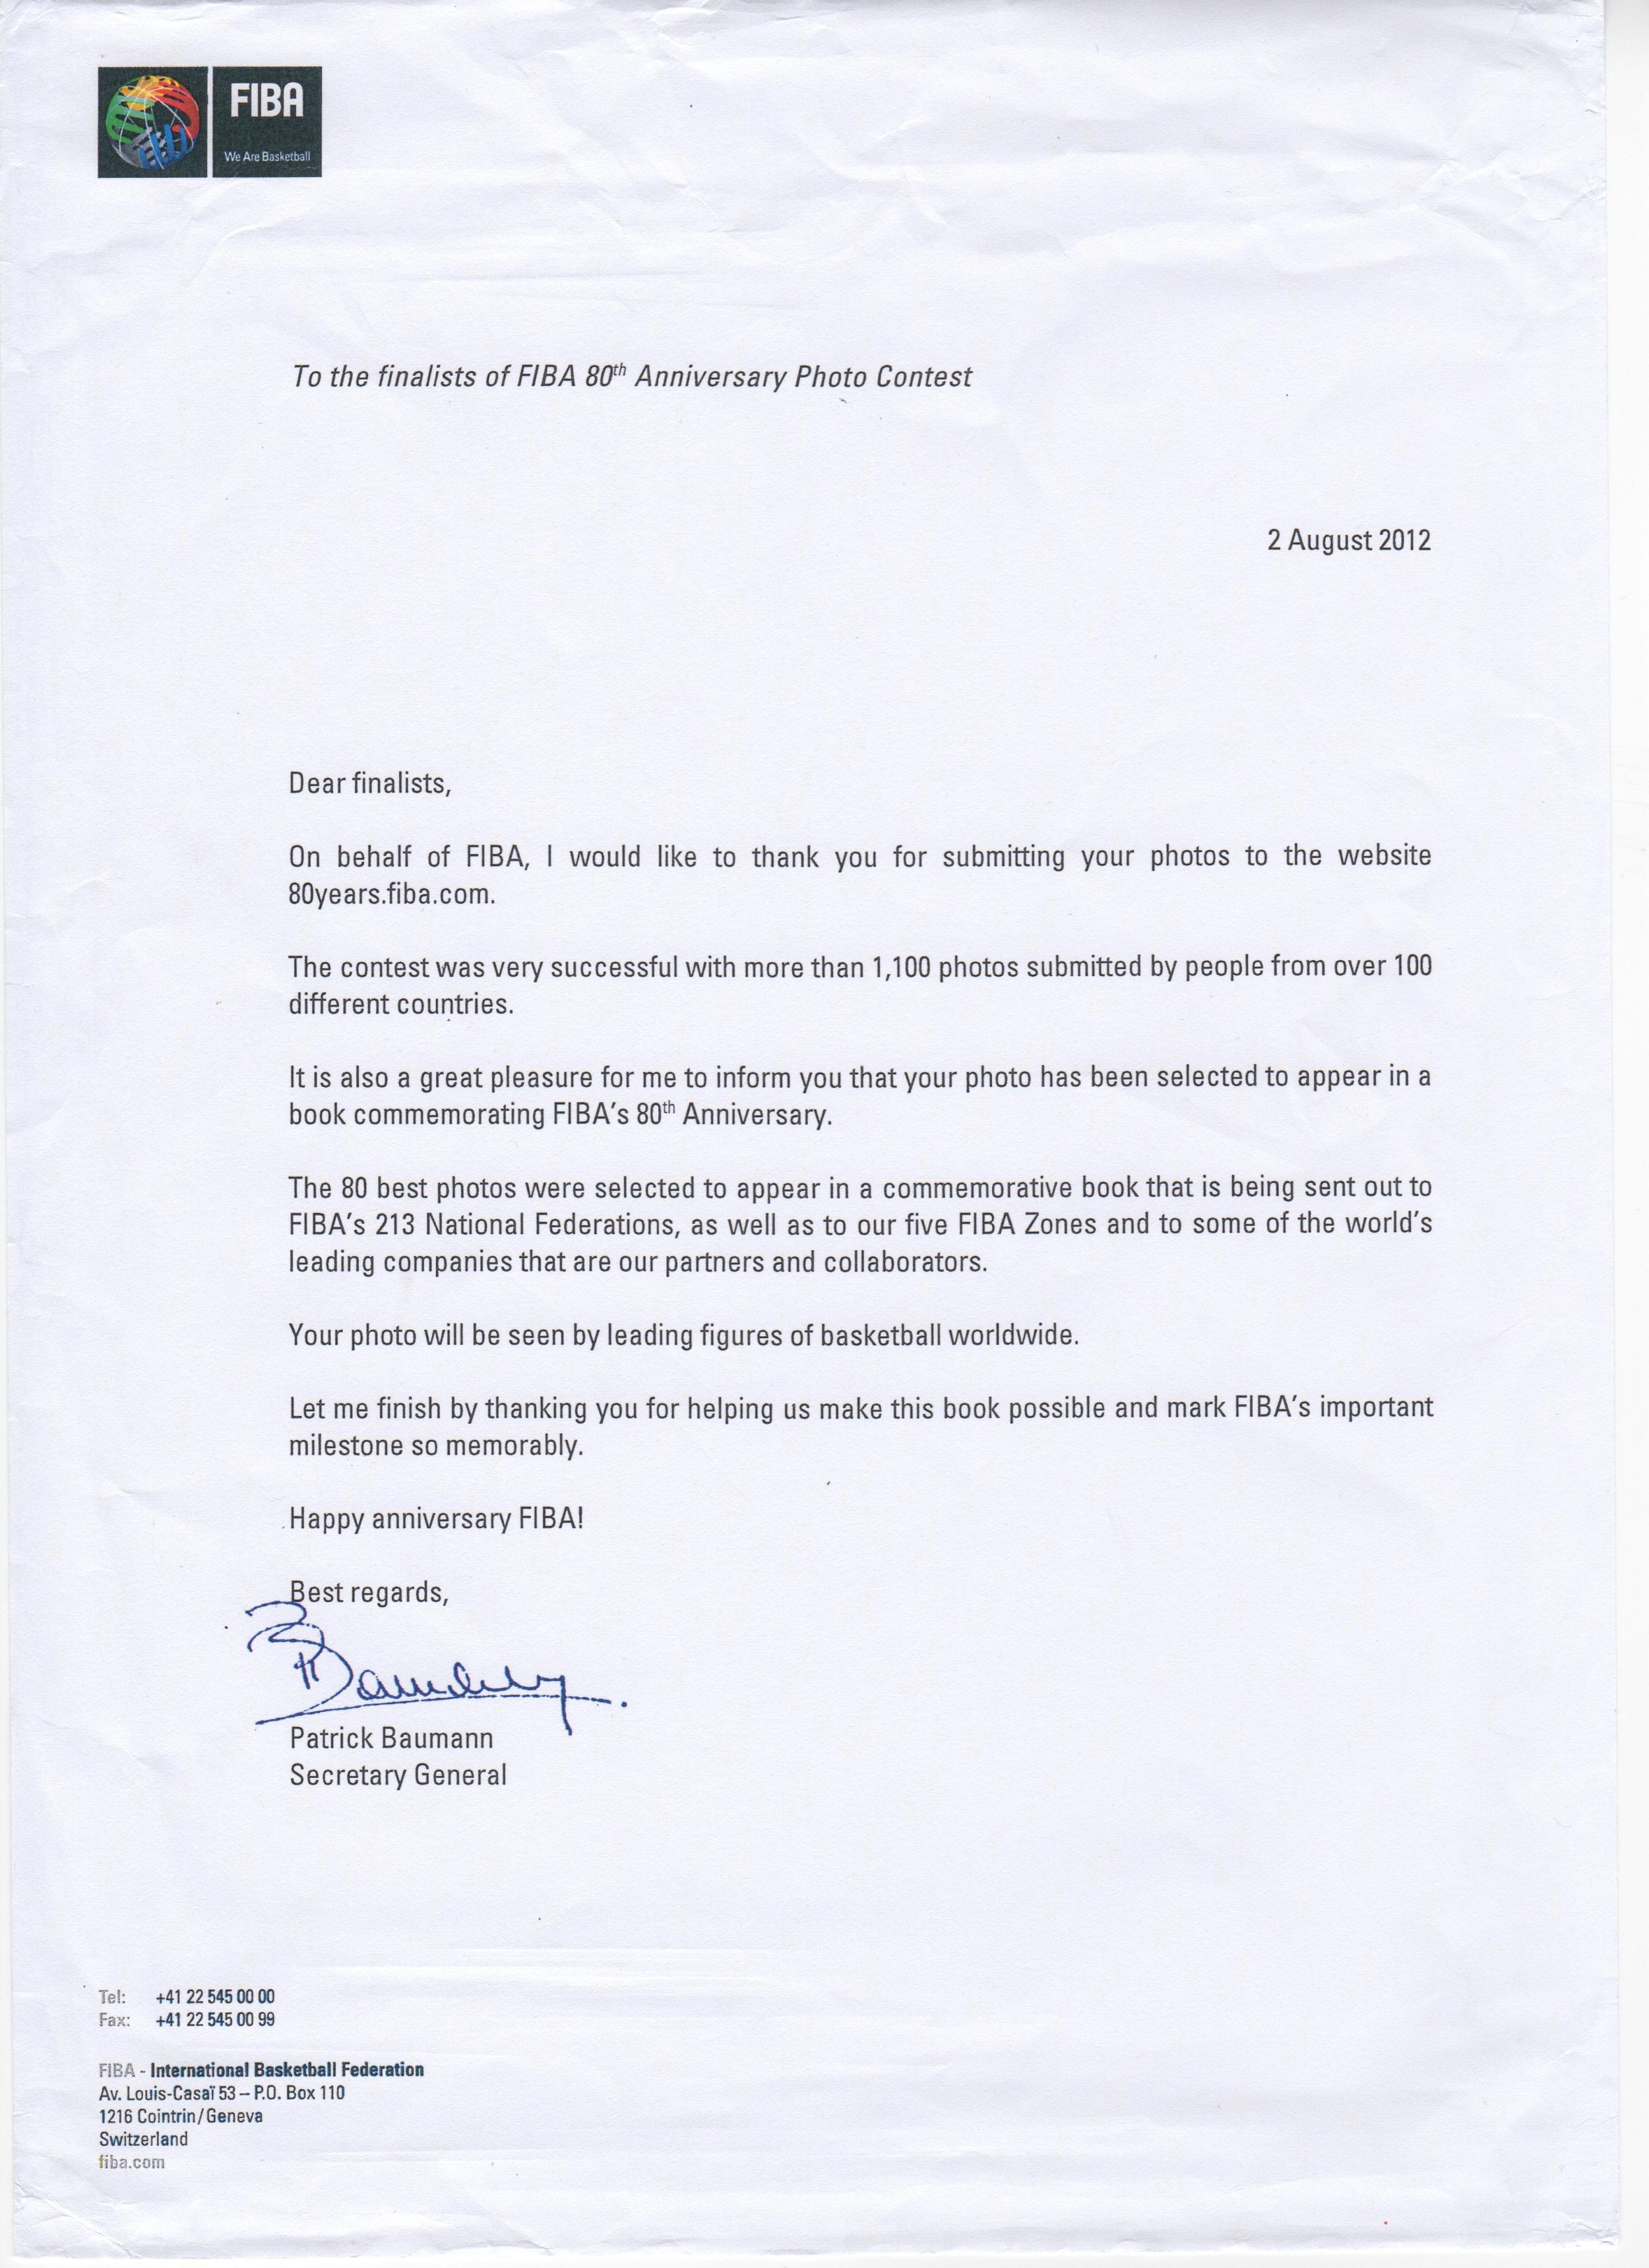 نامه تشکر پاتریک باون برای استفاده عکس من در کتاب یادبود فیبا.